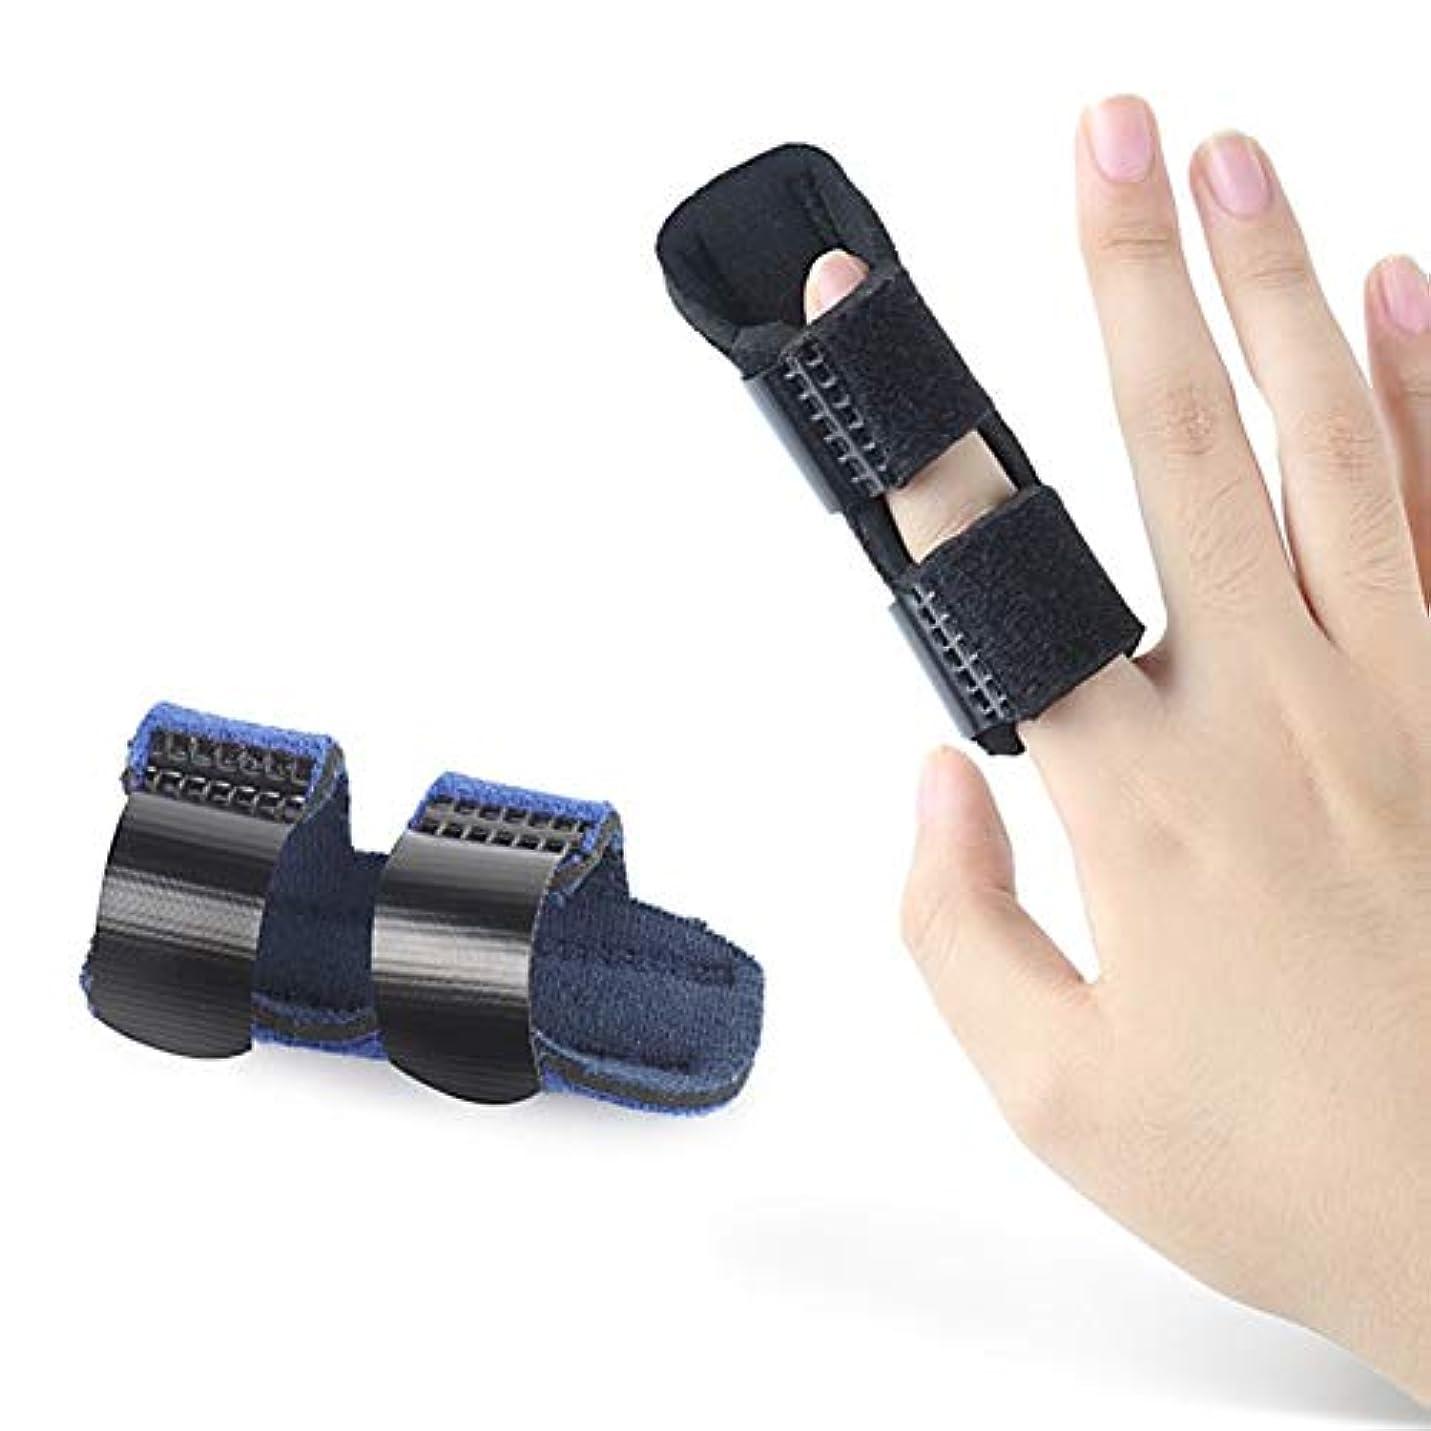 ふりをする抗生物質落ち着いてスプリント、指セパレーター、固定指関節、捻挫、株、関節炎、手根管トリガー親指固定フィンガー - リストストラップ - 左または右の手 (Color : 青)